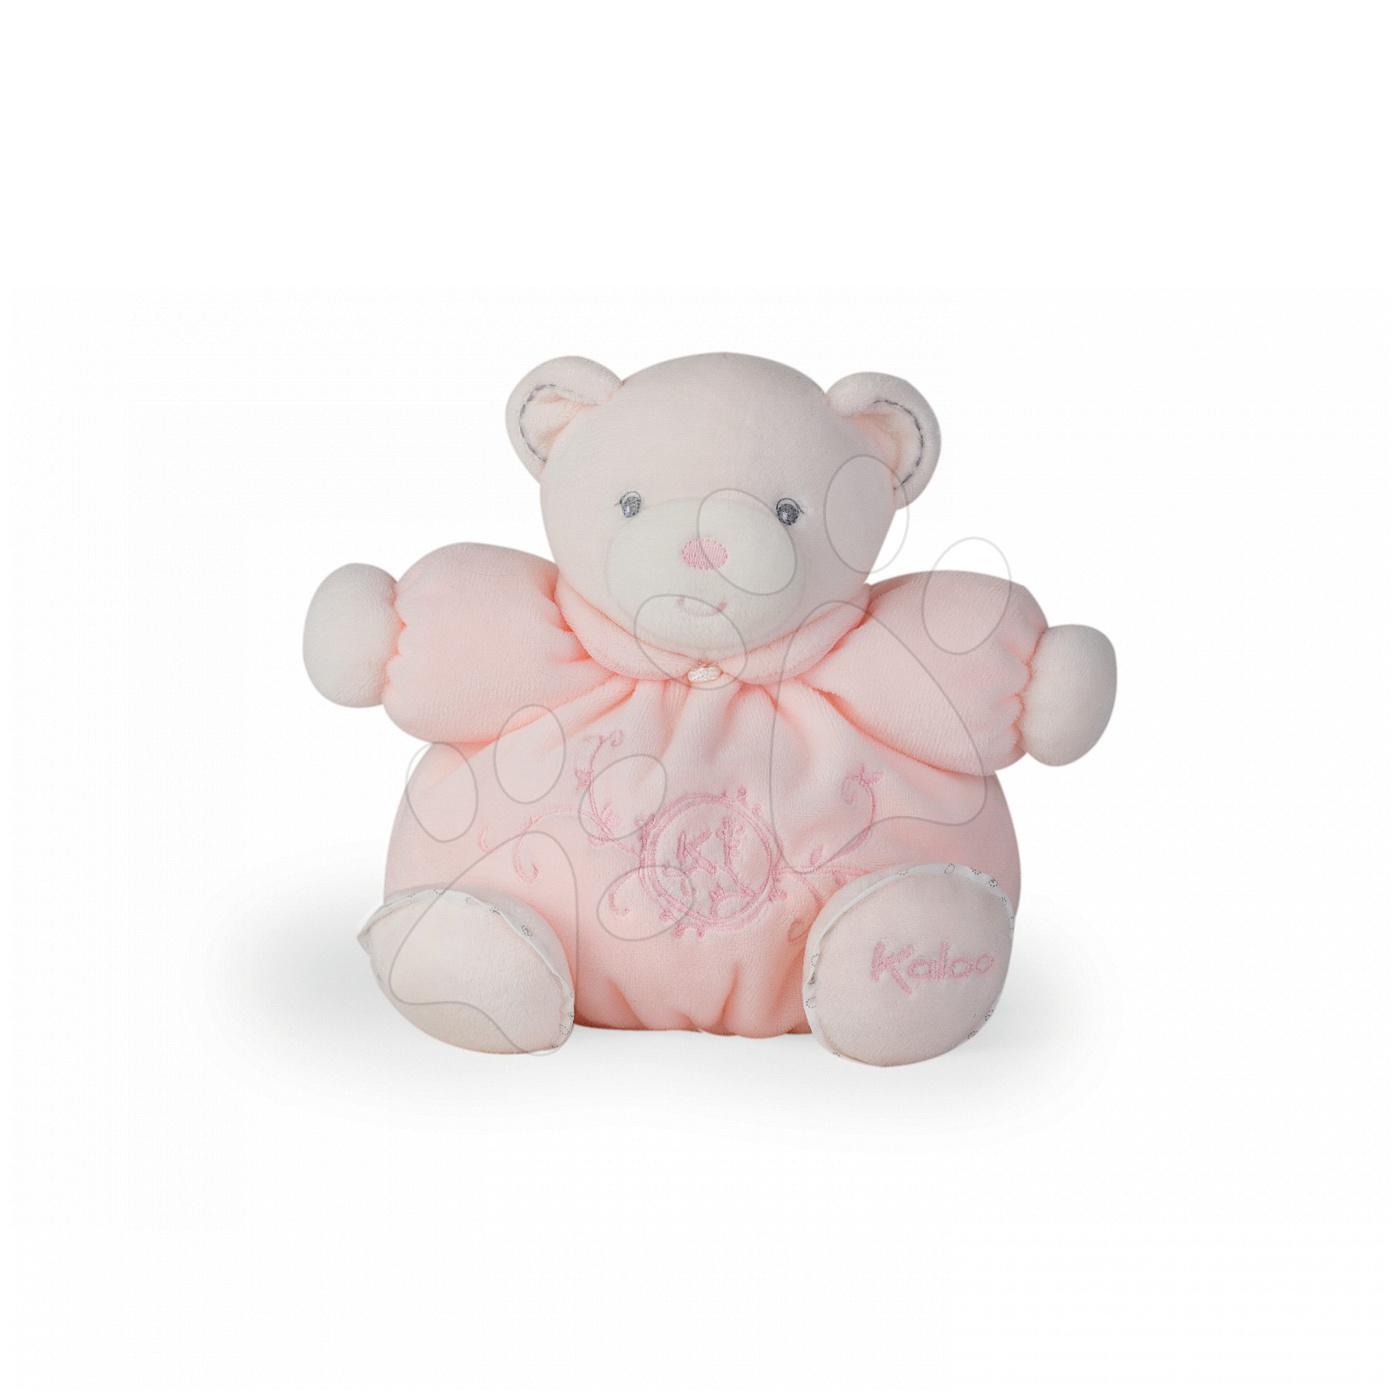 Plyšové medvede - Plyšový medvedík Perle-Chubby Bear Kaloo 18 cm v darčekovom balení pre najmenších ružový